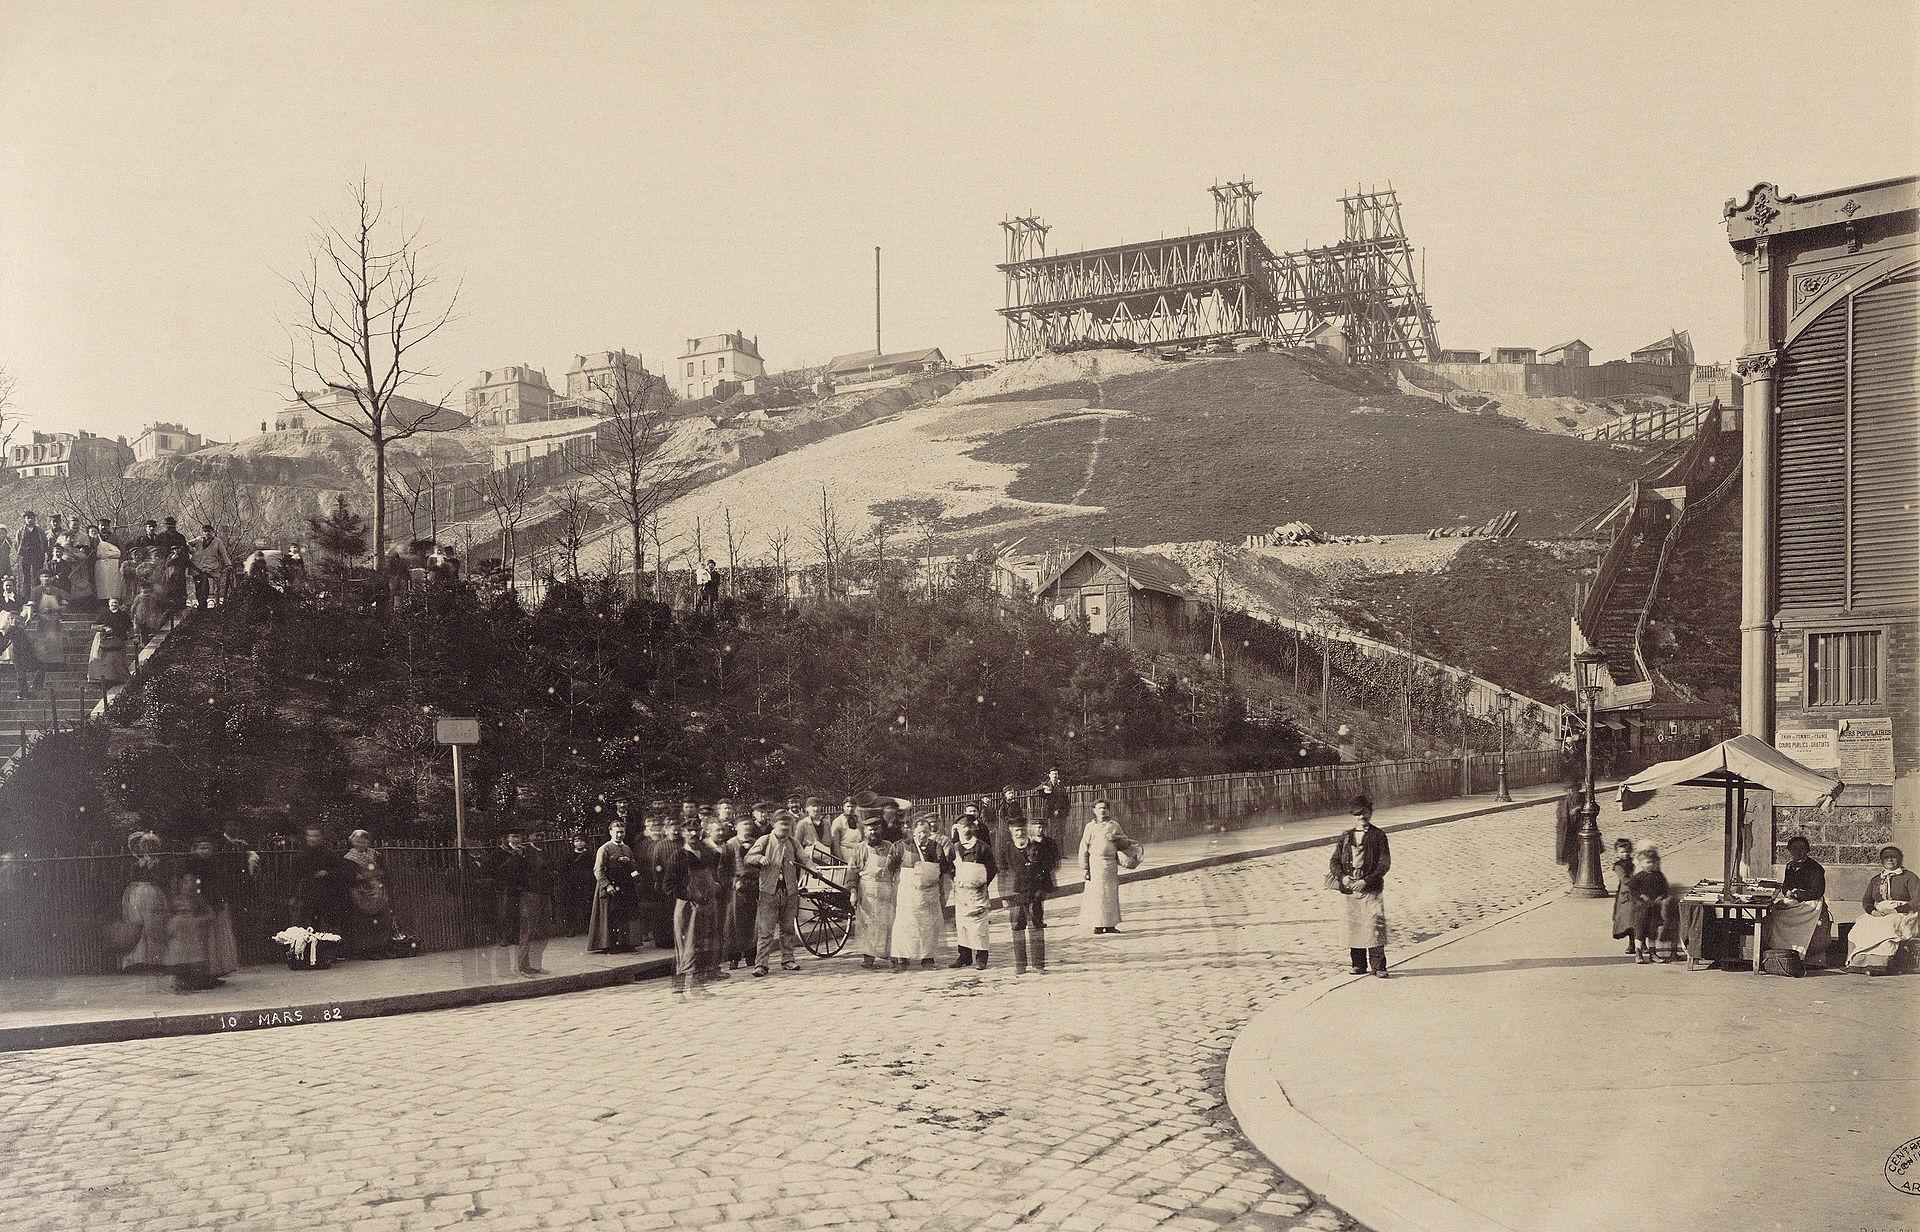 La construction du Sacré-Cœur sur la butte Montmartre (photo de Louis-Emile Durandelle, 1882)